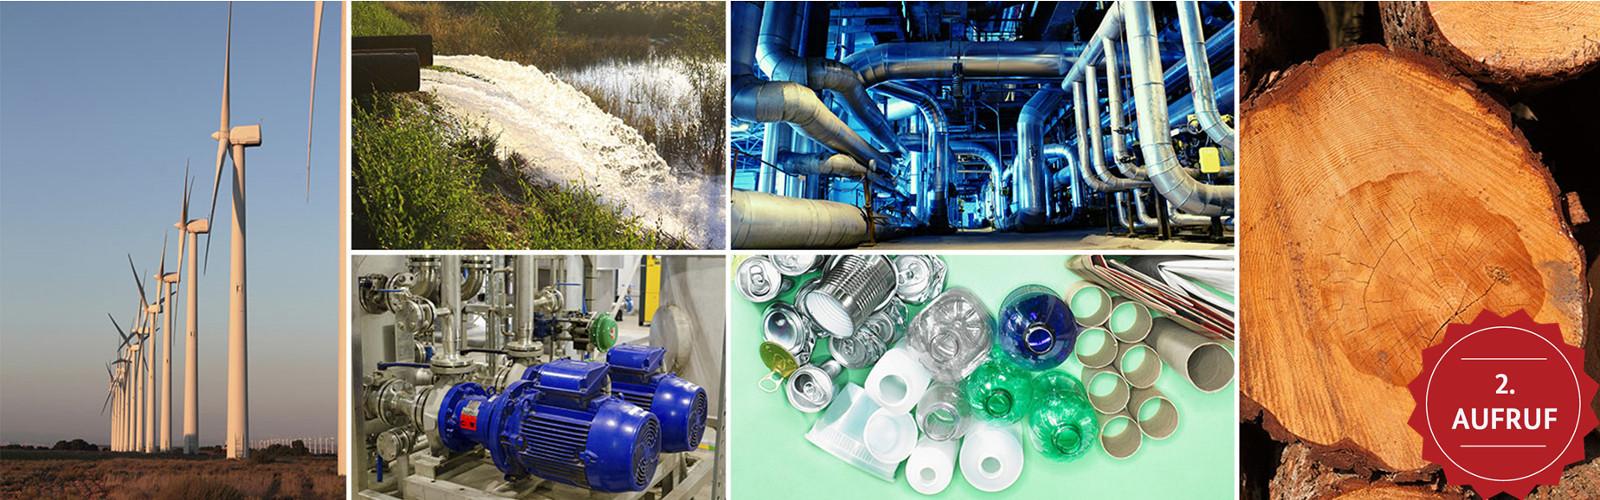 Zu sehen ist eine Collage : Windräder, Kanalisationsabflüsse, Turbinen, Pipelines, kreisförmig angeordnete Recyclingmaterialien, Baumstämme.